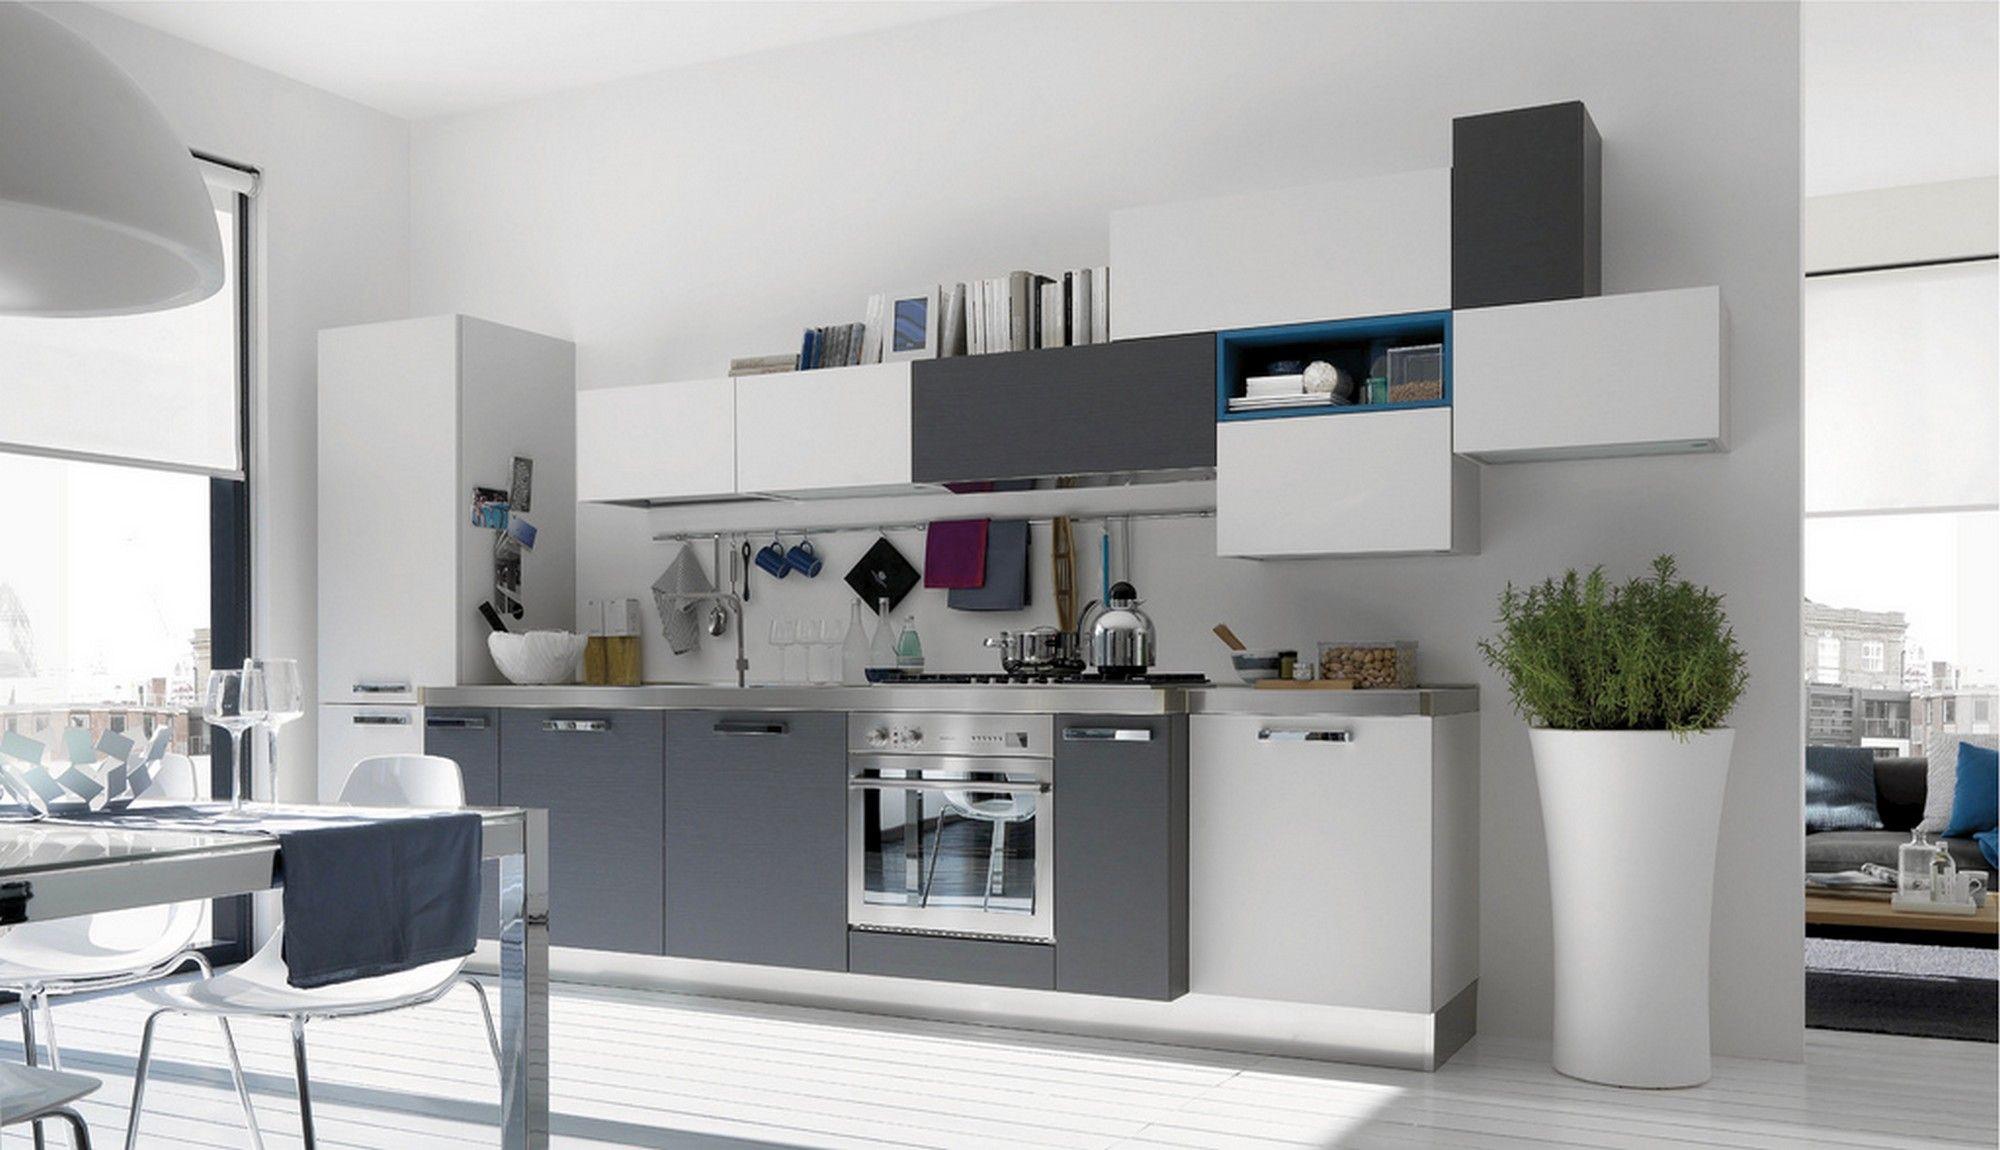 Innenarchitektur für küchenschrank moderne küche farbe kombinationen  moderne küchefarbe